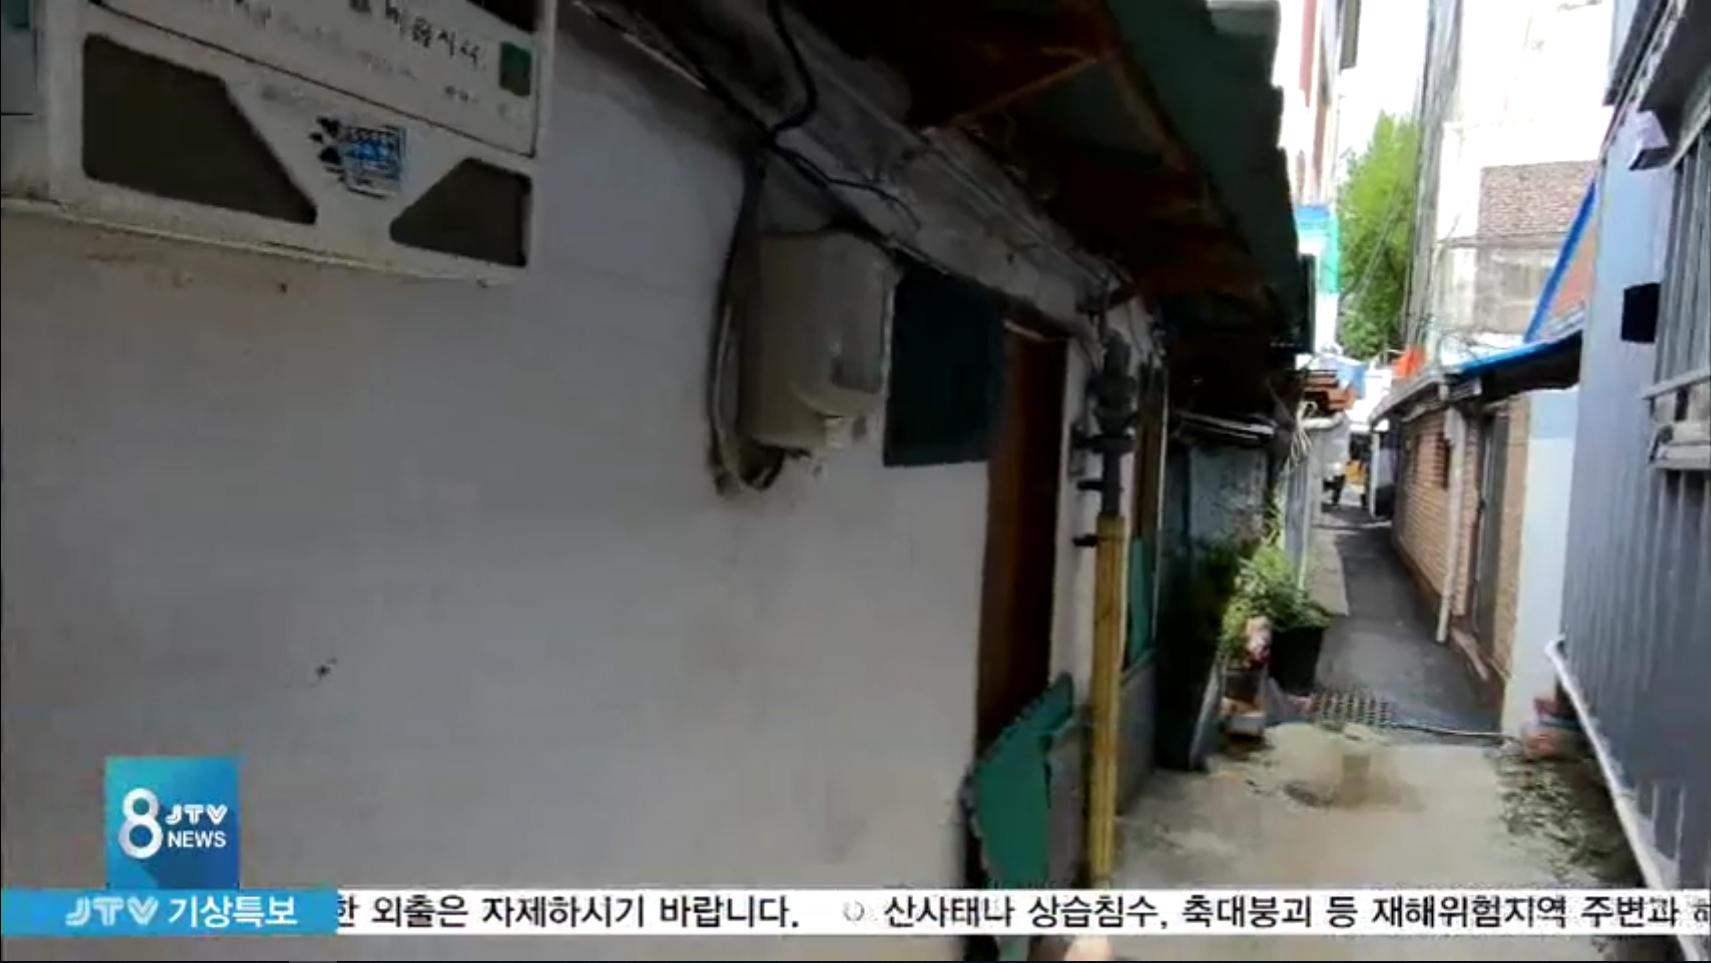 [19.9.21 JTV] 쪽방으로 가는 노인들2.jpg